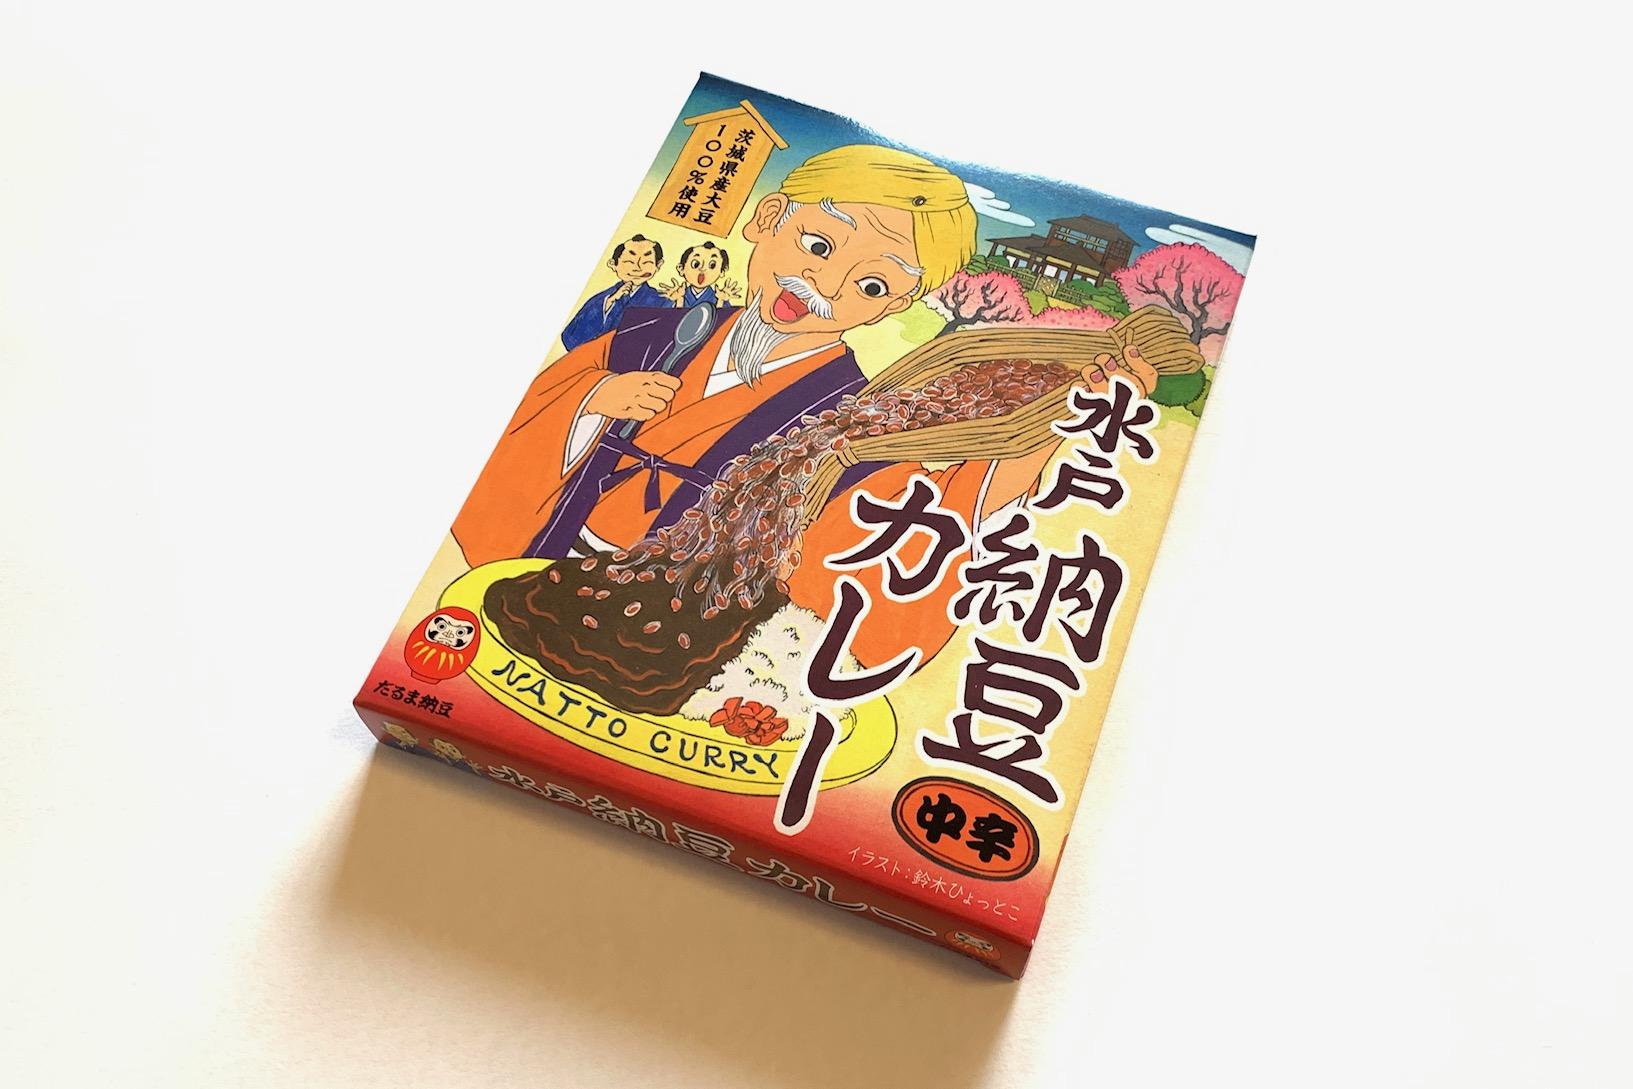 水戸納豆カレー新パッケージ発売